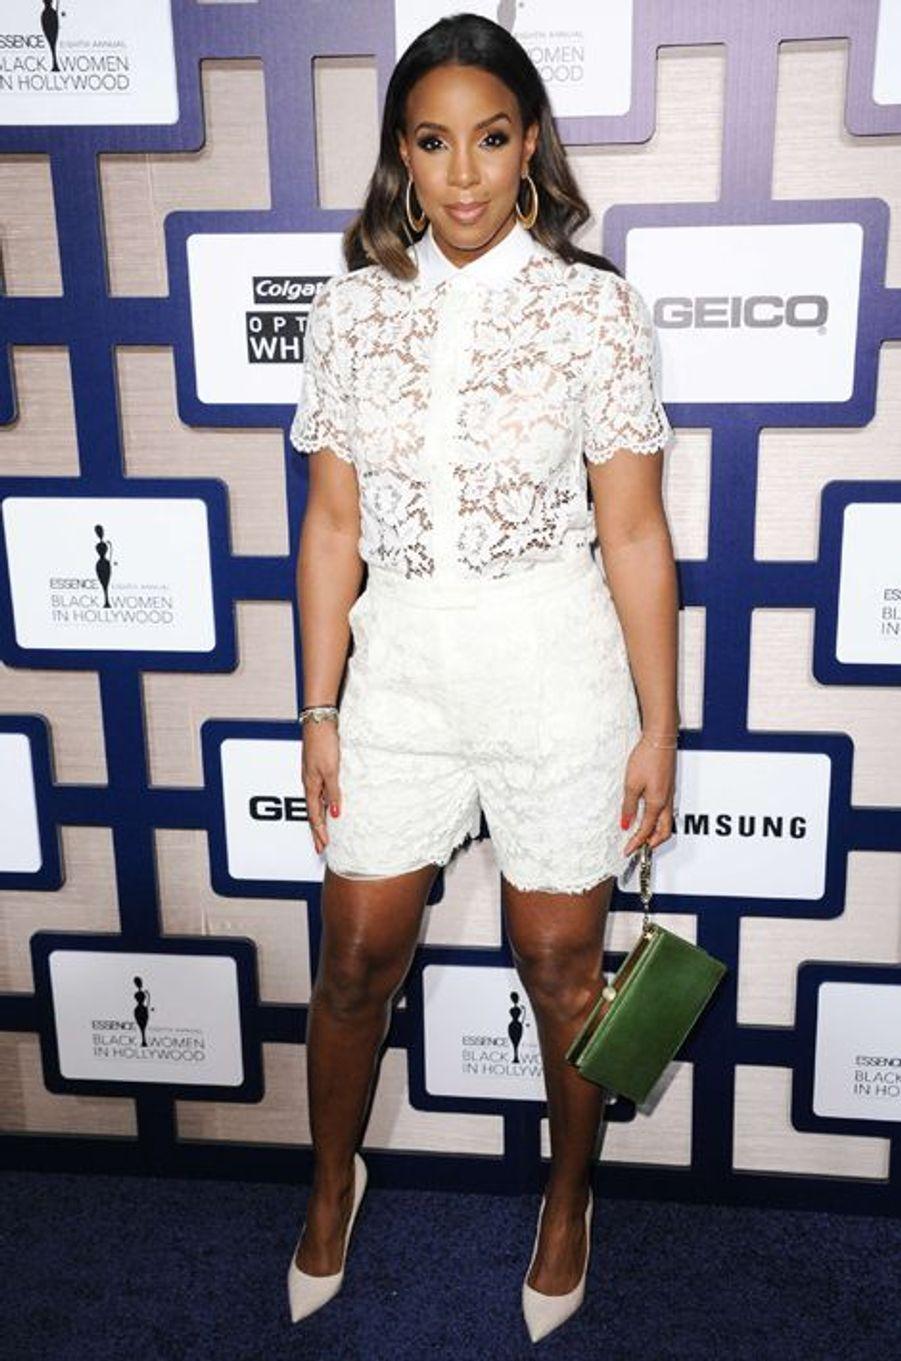 Kelly Rowland, mariée à l'agent Tim Witherspoon, maman d'un petit garçon nommé Titan Jewell depuis le 4 novembre 2014